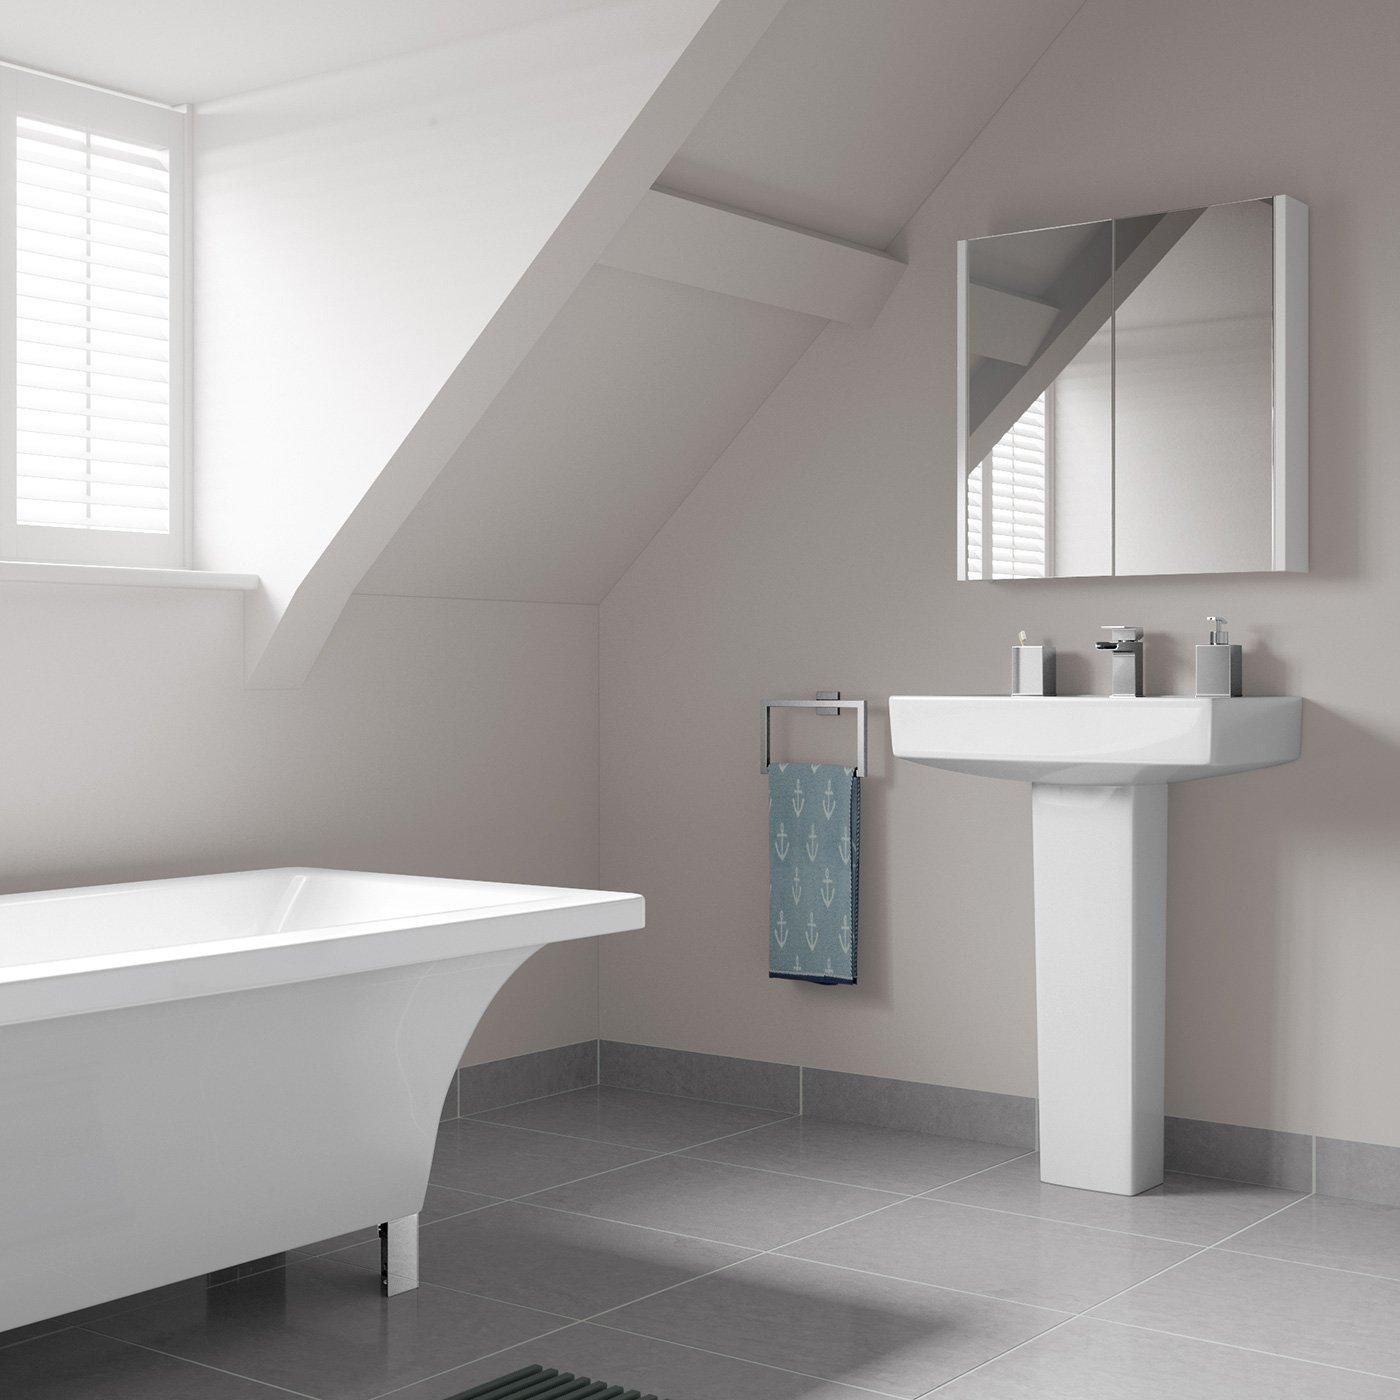 Soak Armadietto da Bagno con Specchio, Design Moderno, 600 x 650 mm ...